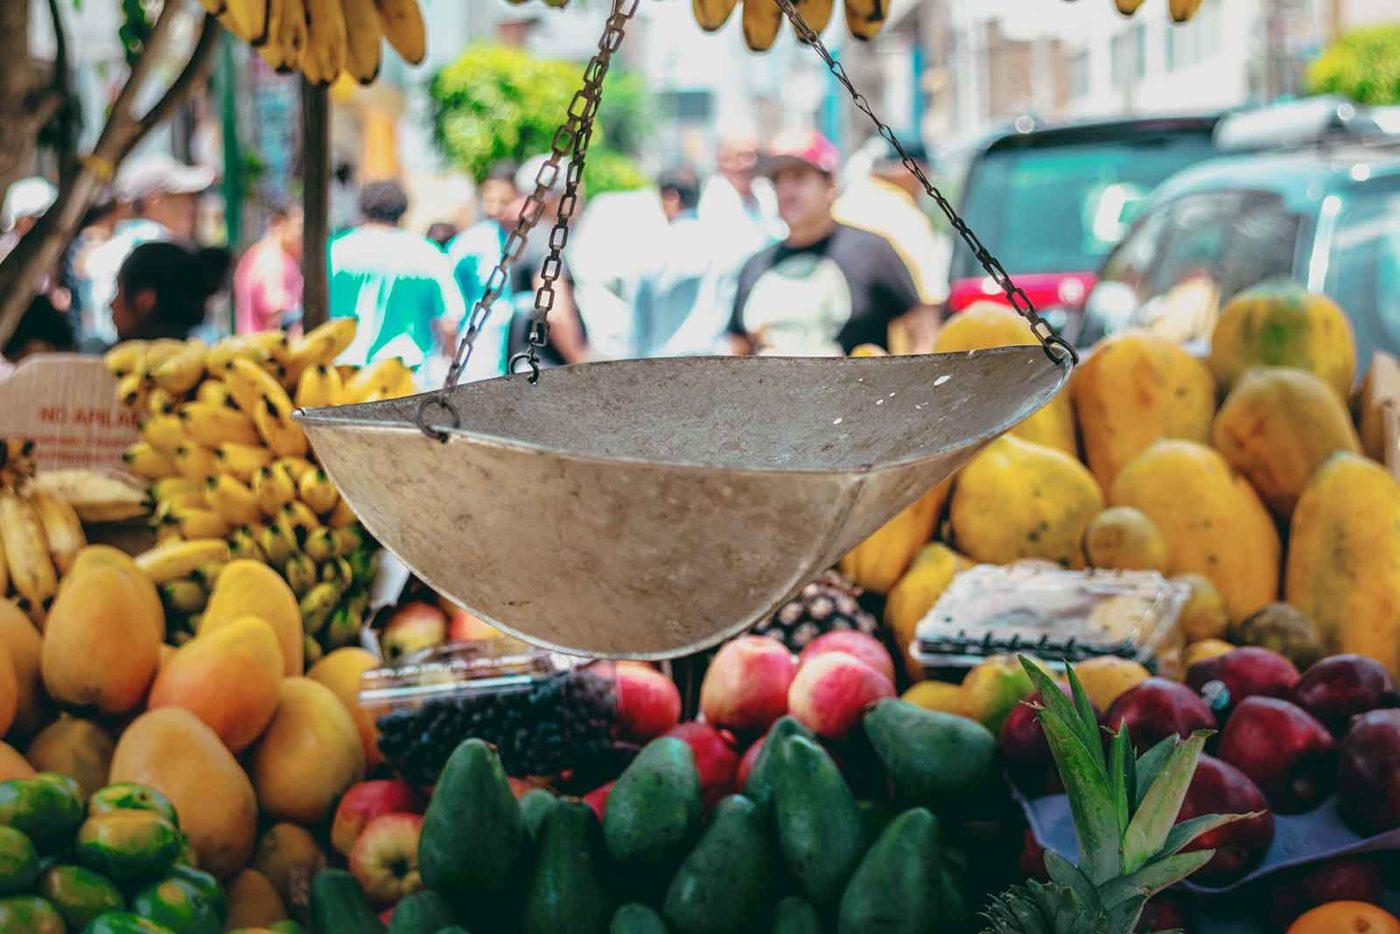 Market in Lima Peru